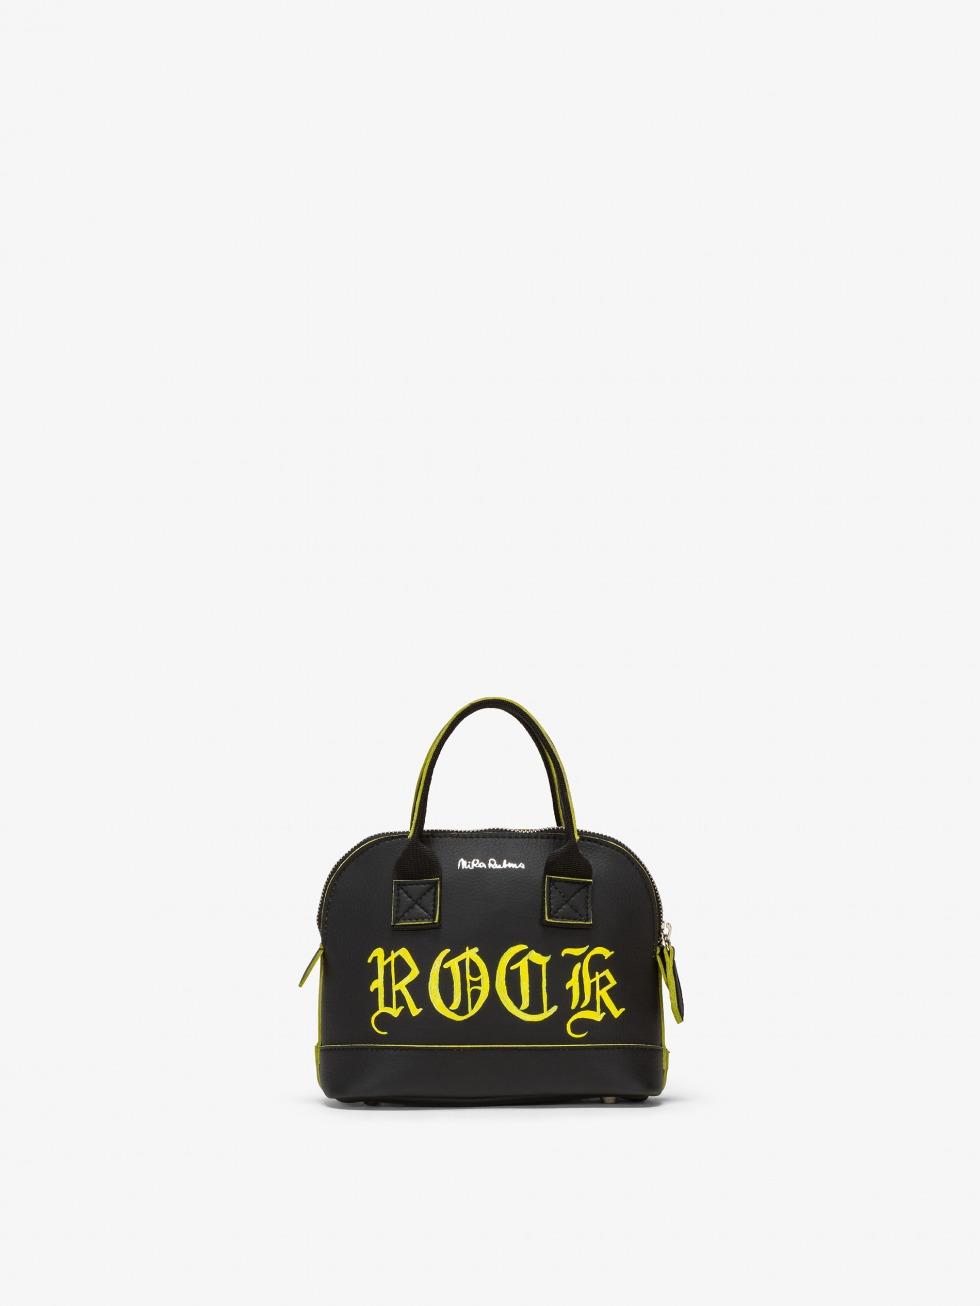 TOY BAG - LIME ROCK NIRA